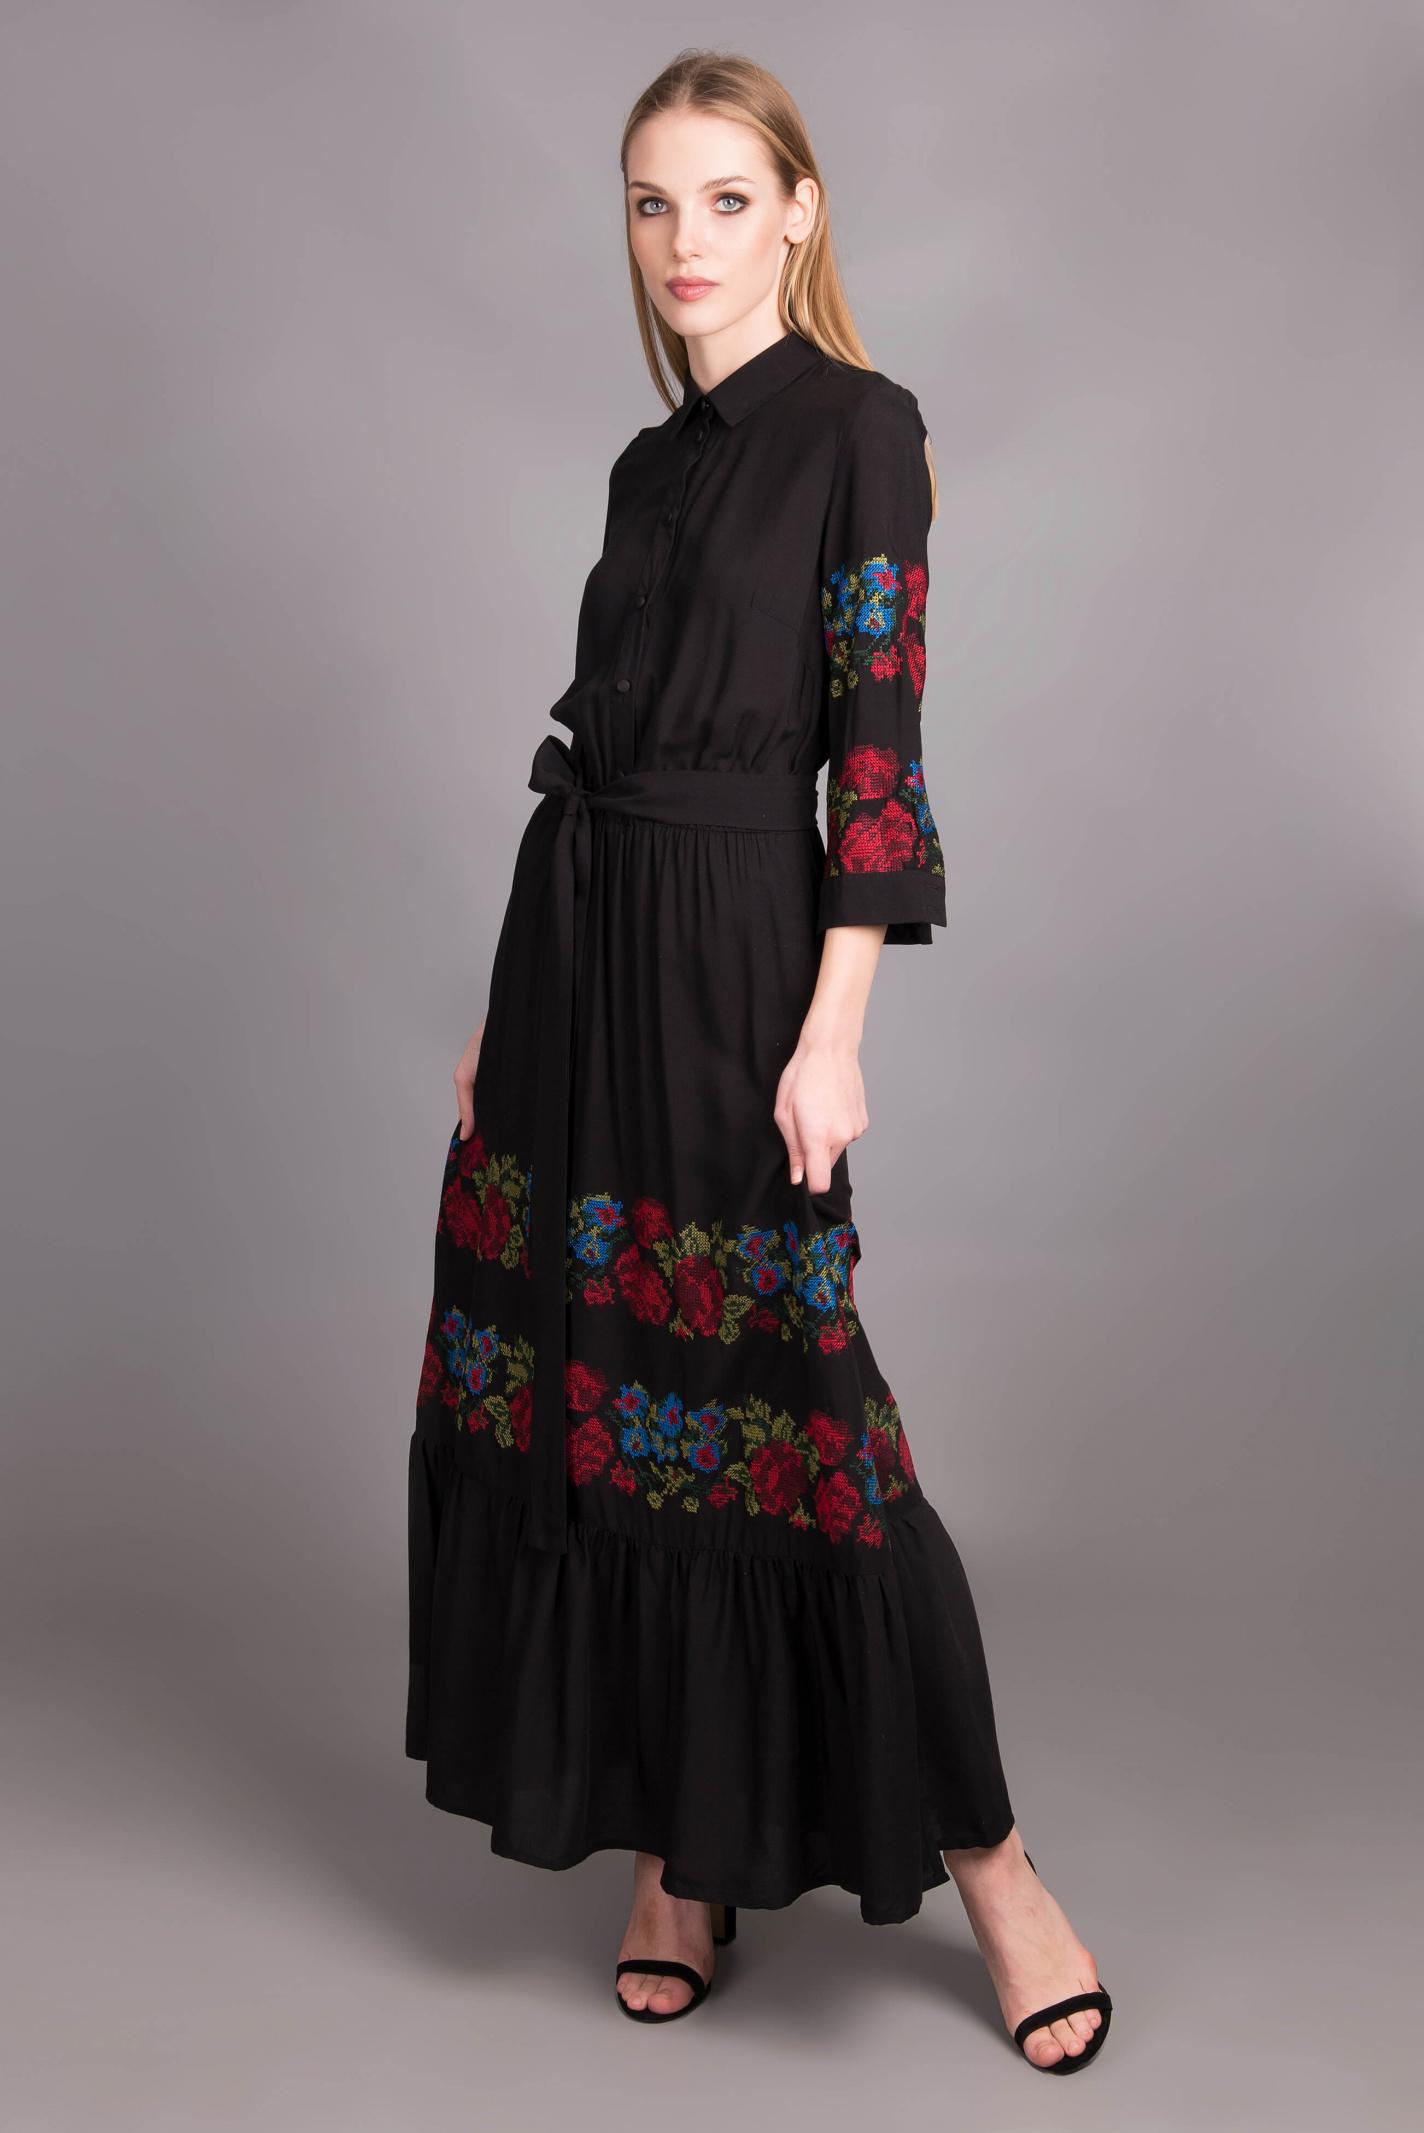 ANDRE TAN Сукня жіночі модель 29247P придбати, 2017